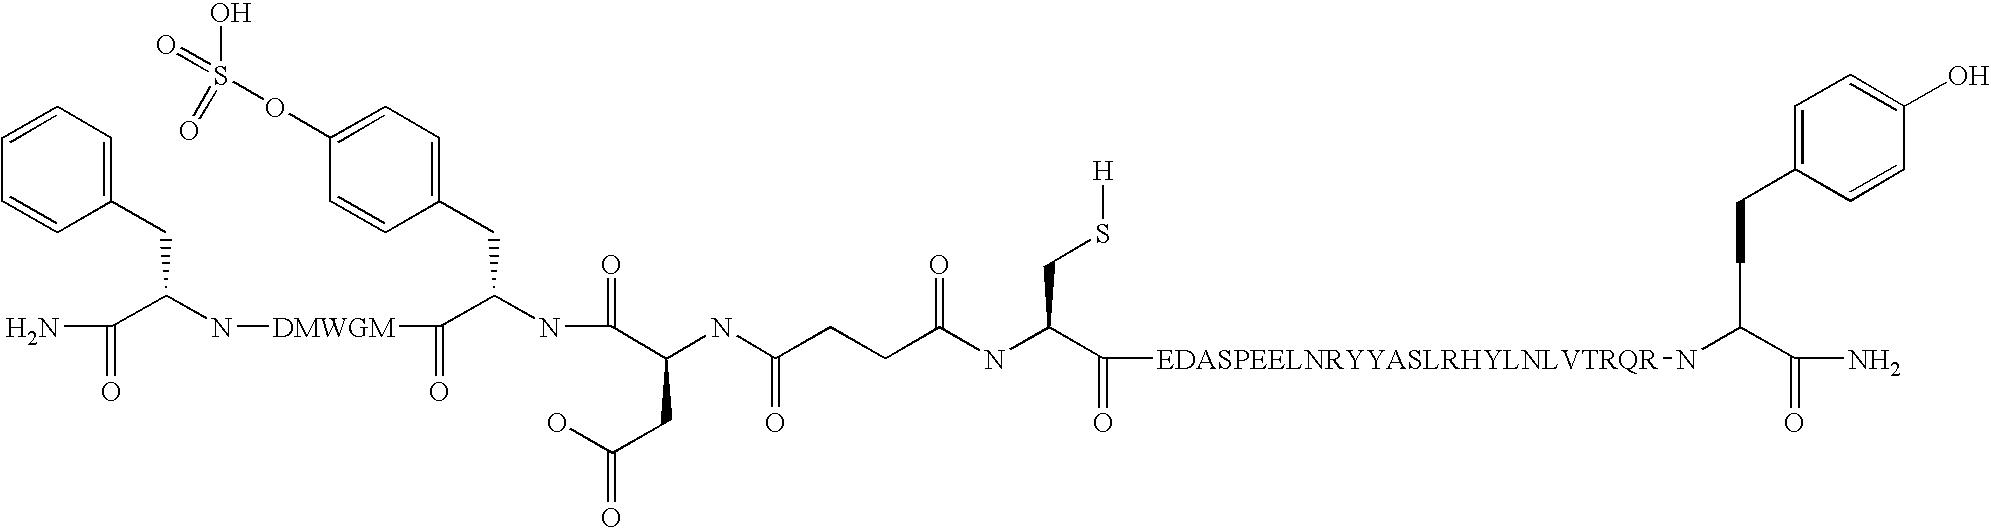 Figure US20060293232A1-20061228-C00005